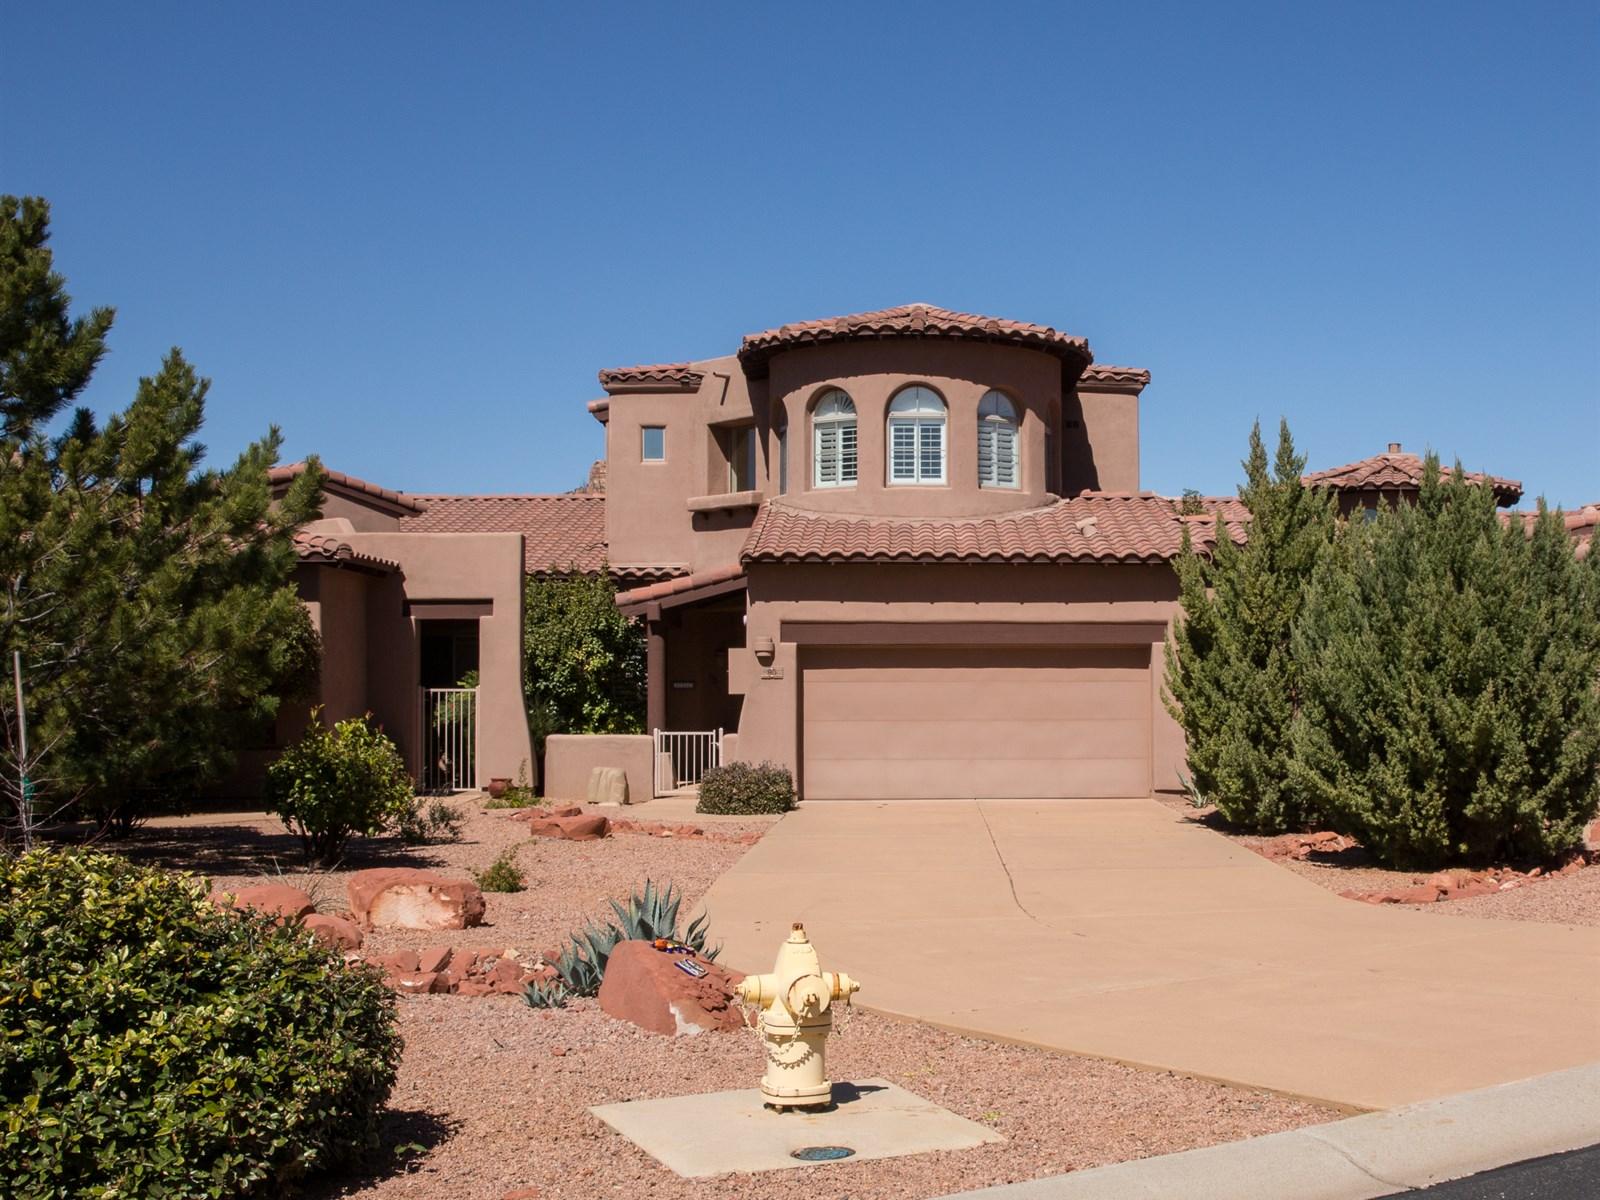 Maison unifamiliale pour l Vente à Perfect Sedona Getaway 80 Rio Sinagua Sedona, Arizona 86351 États-Unis